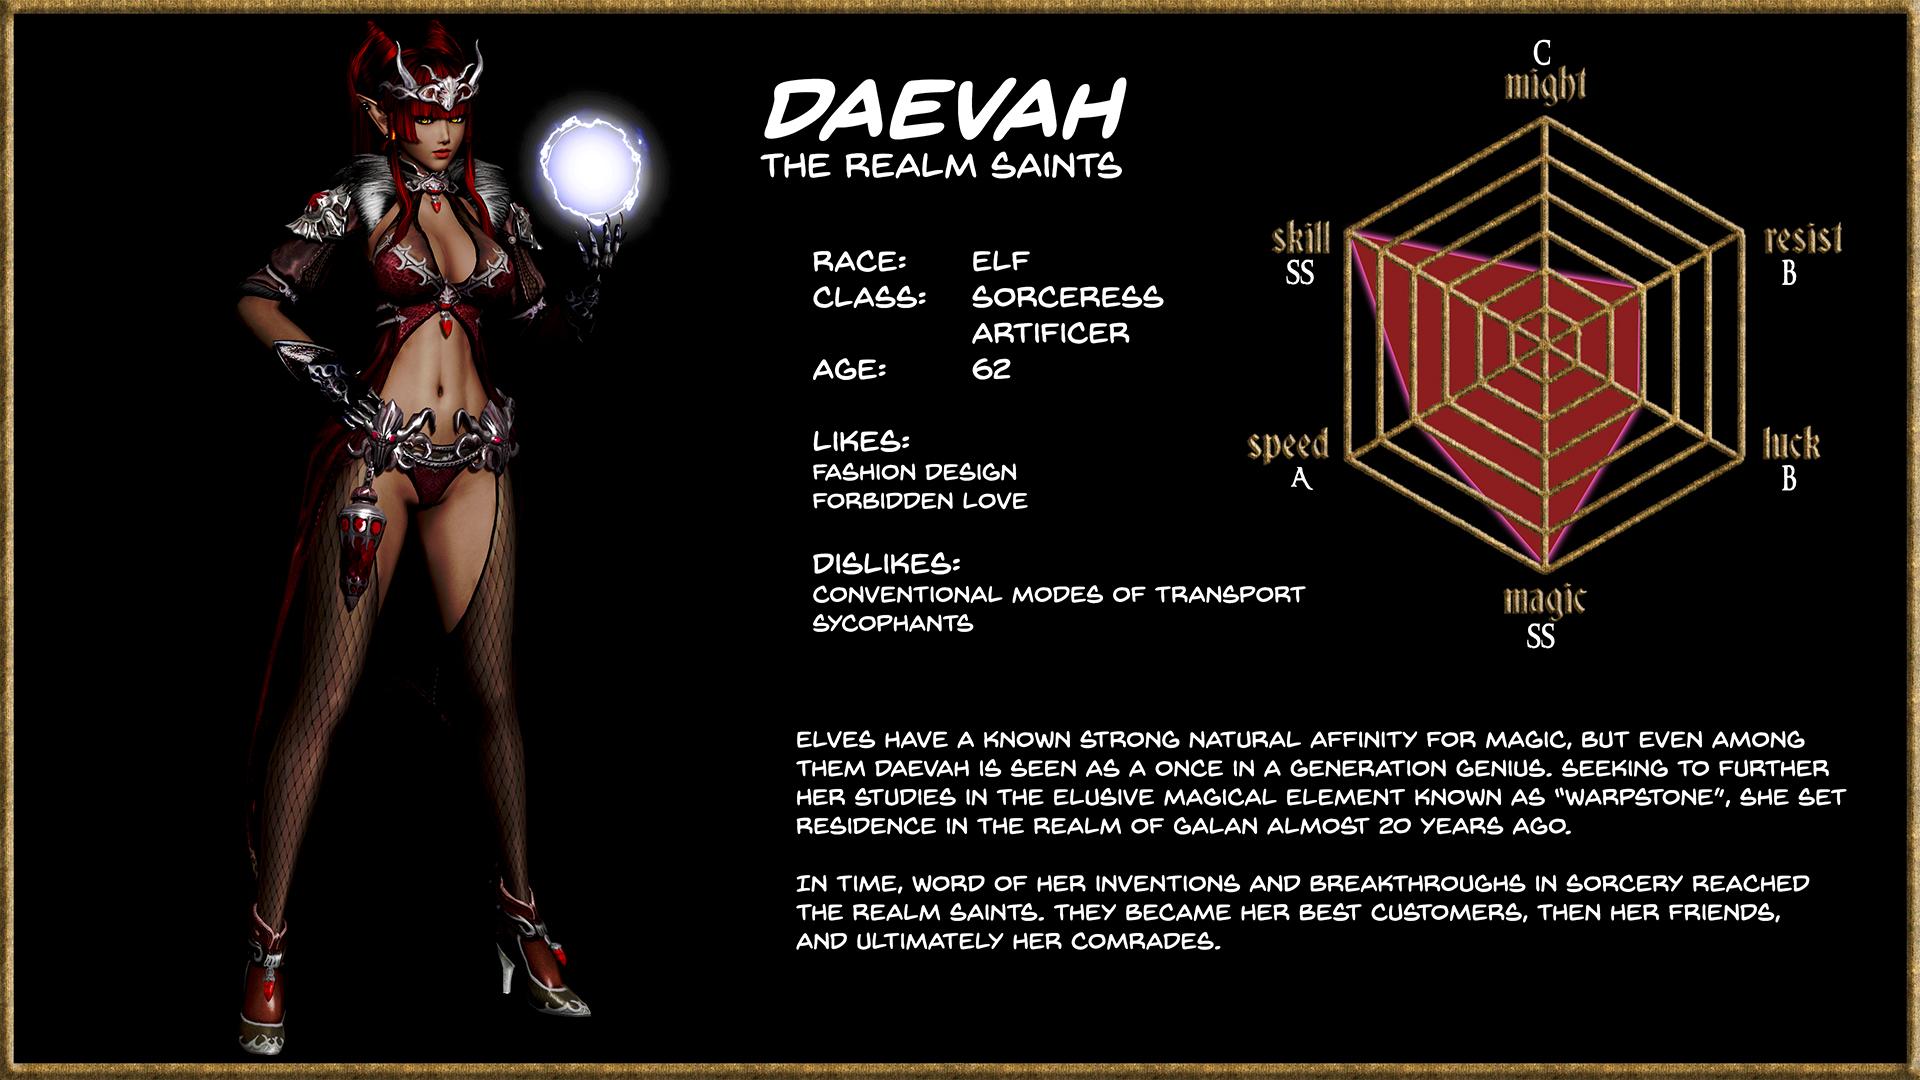 Daevah